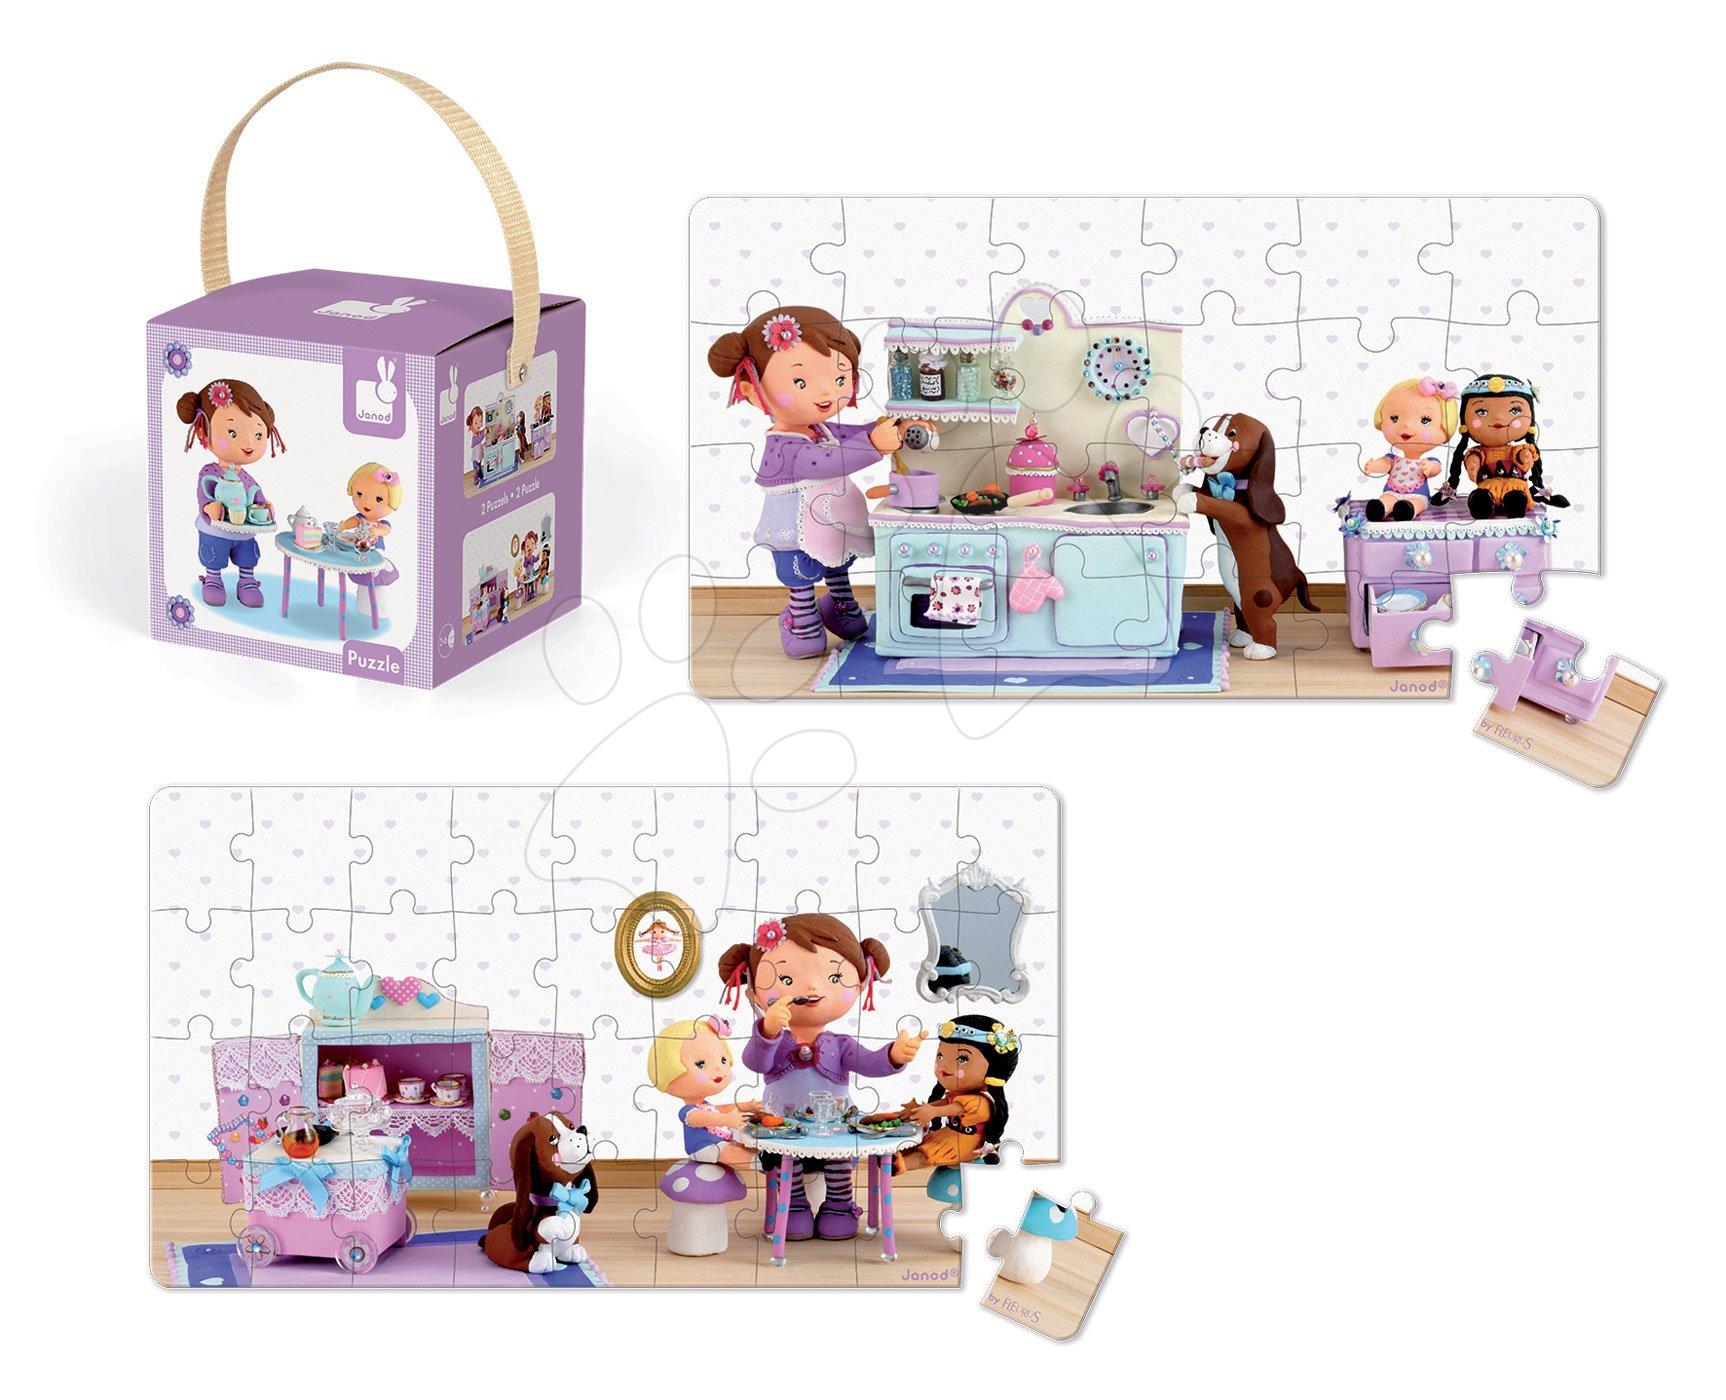 Detské puzzle do 100 dielov - Puzzle Lola na čajovej párty Janod v kufríku 24 - 36 dielov od 3 - 6 rokov